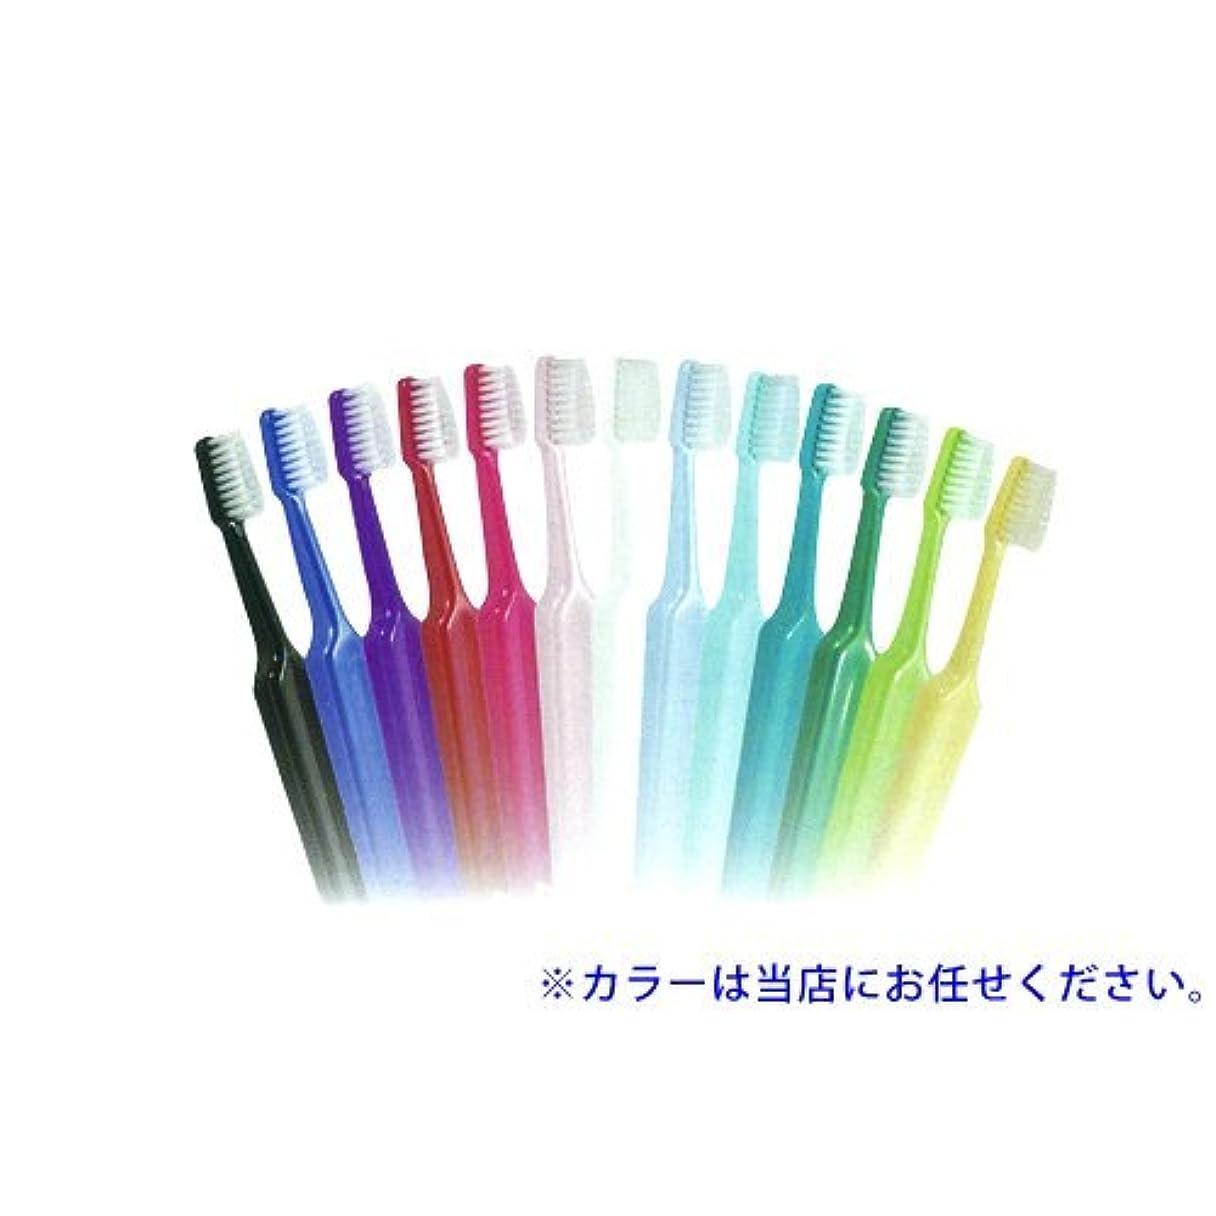 ランデブー持参うめきクロスフィールド TePe テペ セレクト 歯ブラシ 1本 エクストラソフト